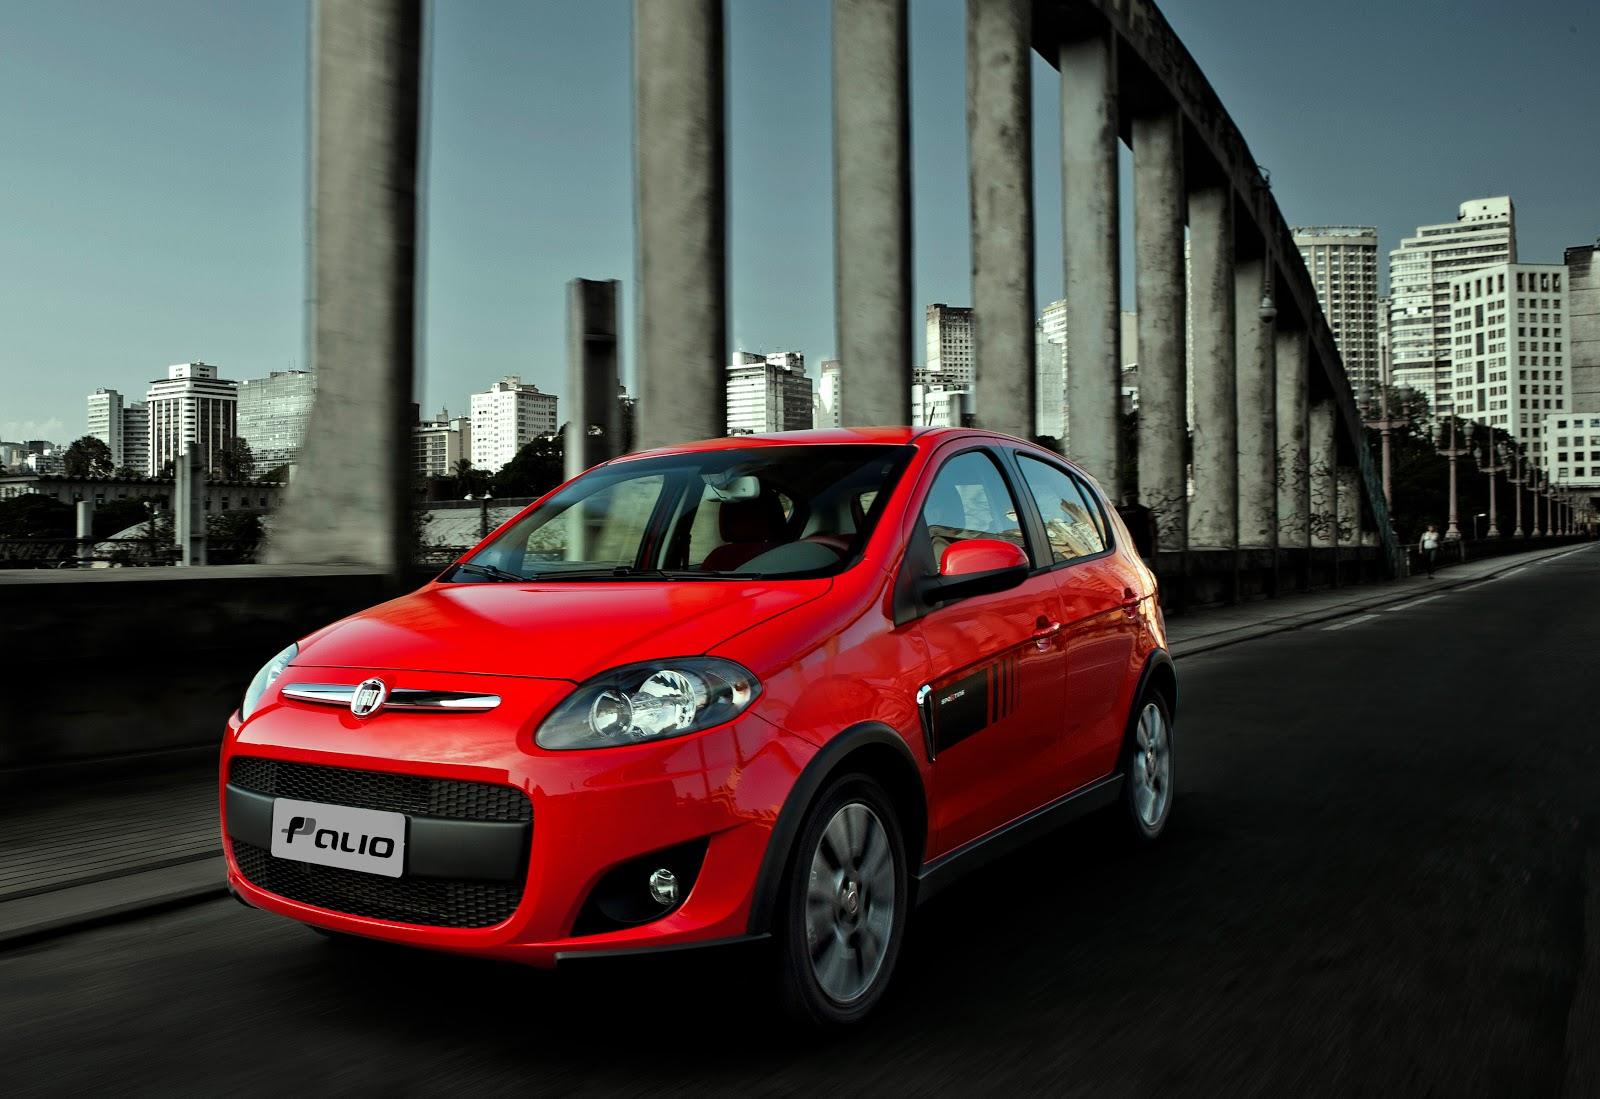 Maior, melhor, mais bonito: Chegou o Novo Palio na Carboni Fiat palio sporting 044